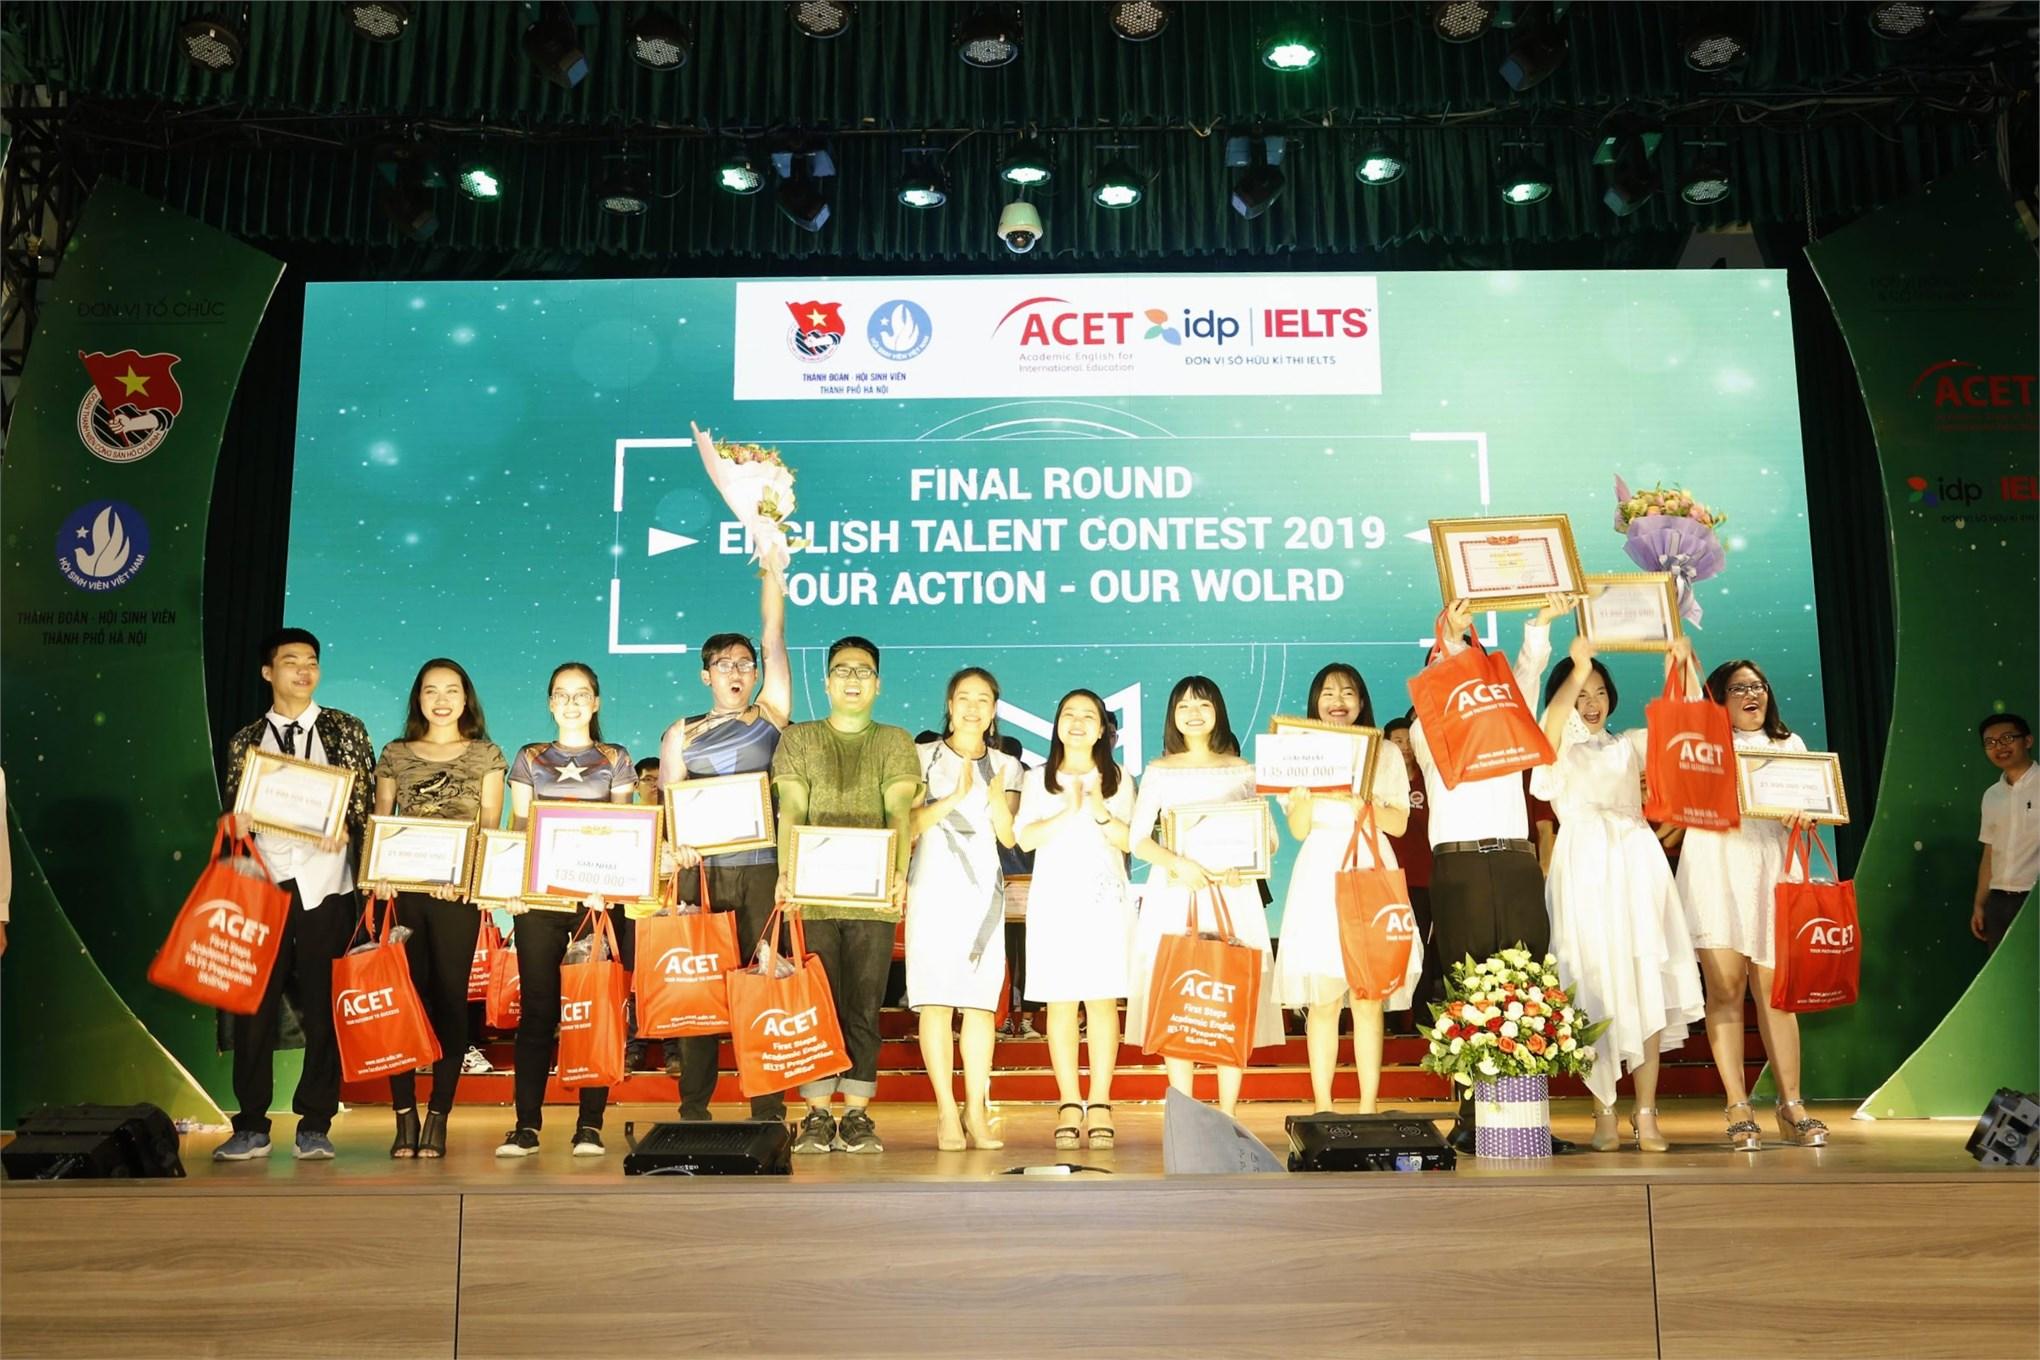 Đại học Công nghiệp Hà Nội đạt giải Nhì cuộc thi Tài năng Anh ngữ với tổng giá trị giải thưởng 130 triệu đồng